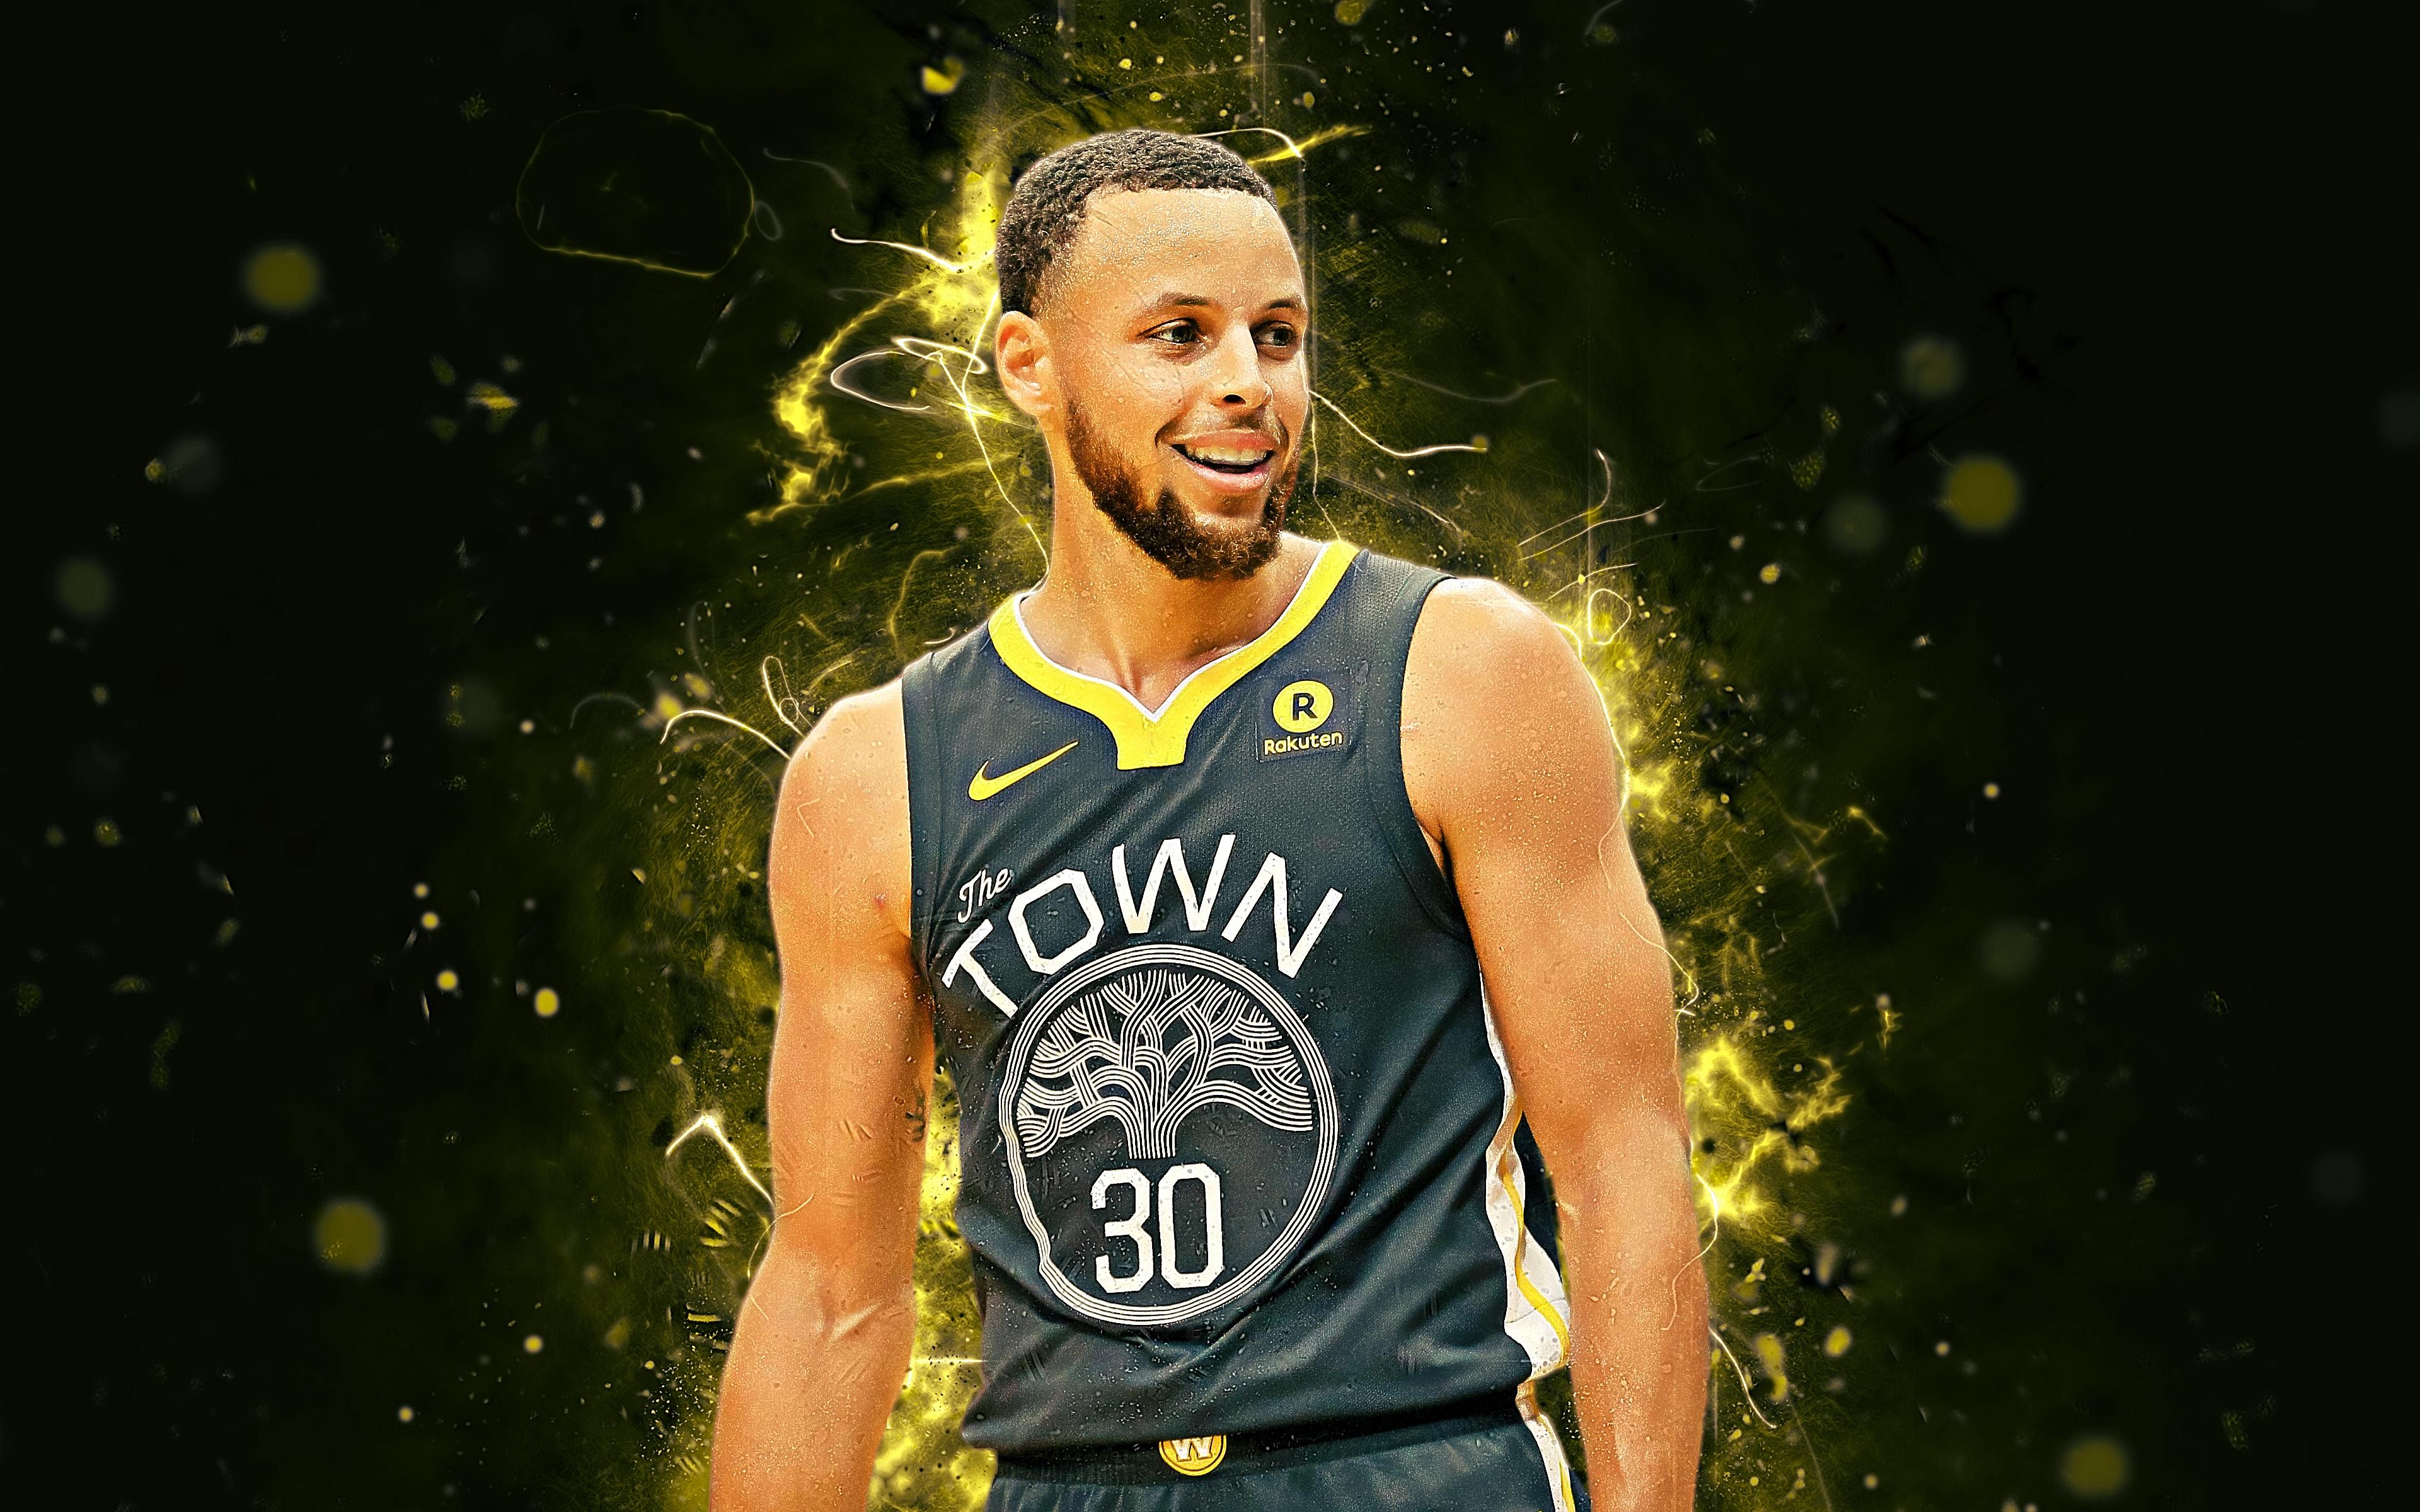 Sport Wallpaper Stephen Curry: Stephen Curry 4k Ultra HD Wallpaper